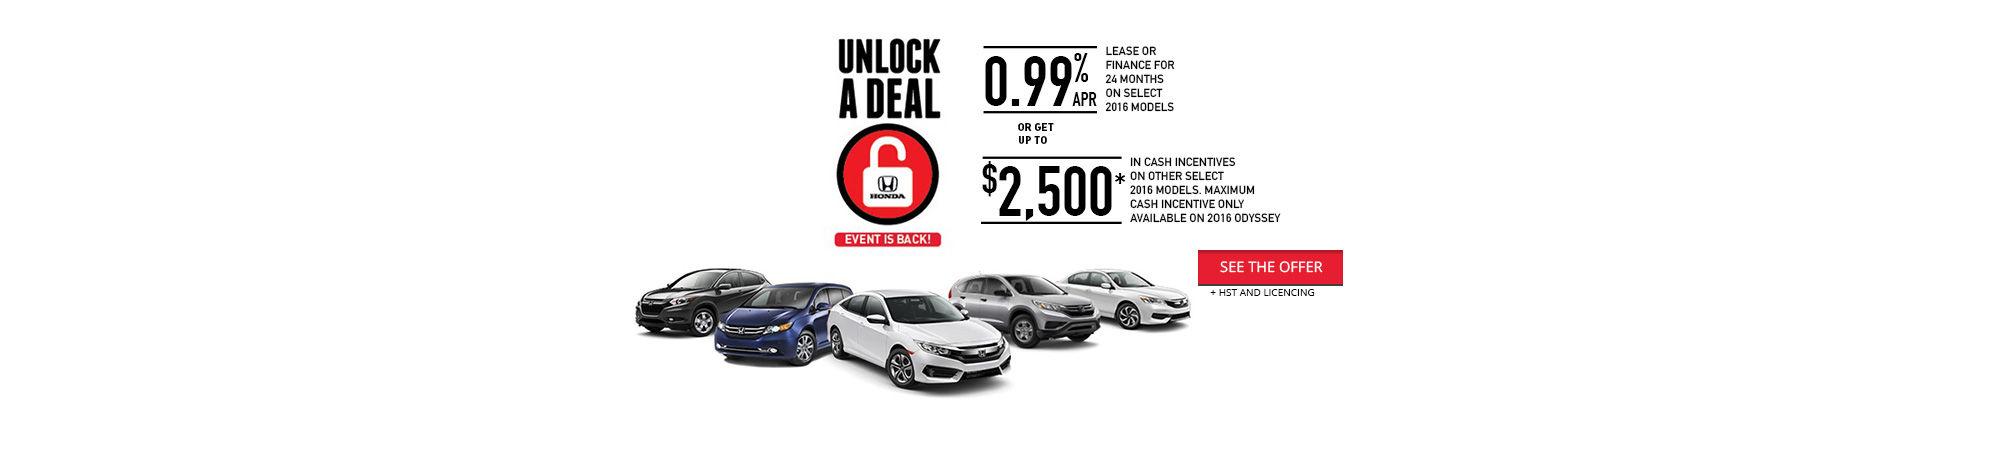 Unlock a Deal - Event